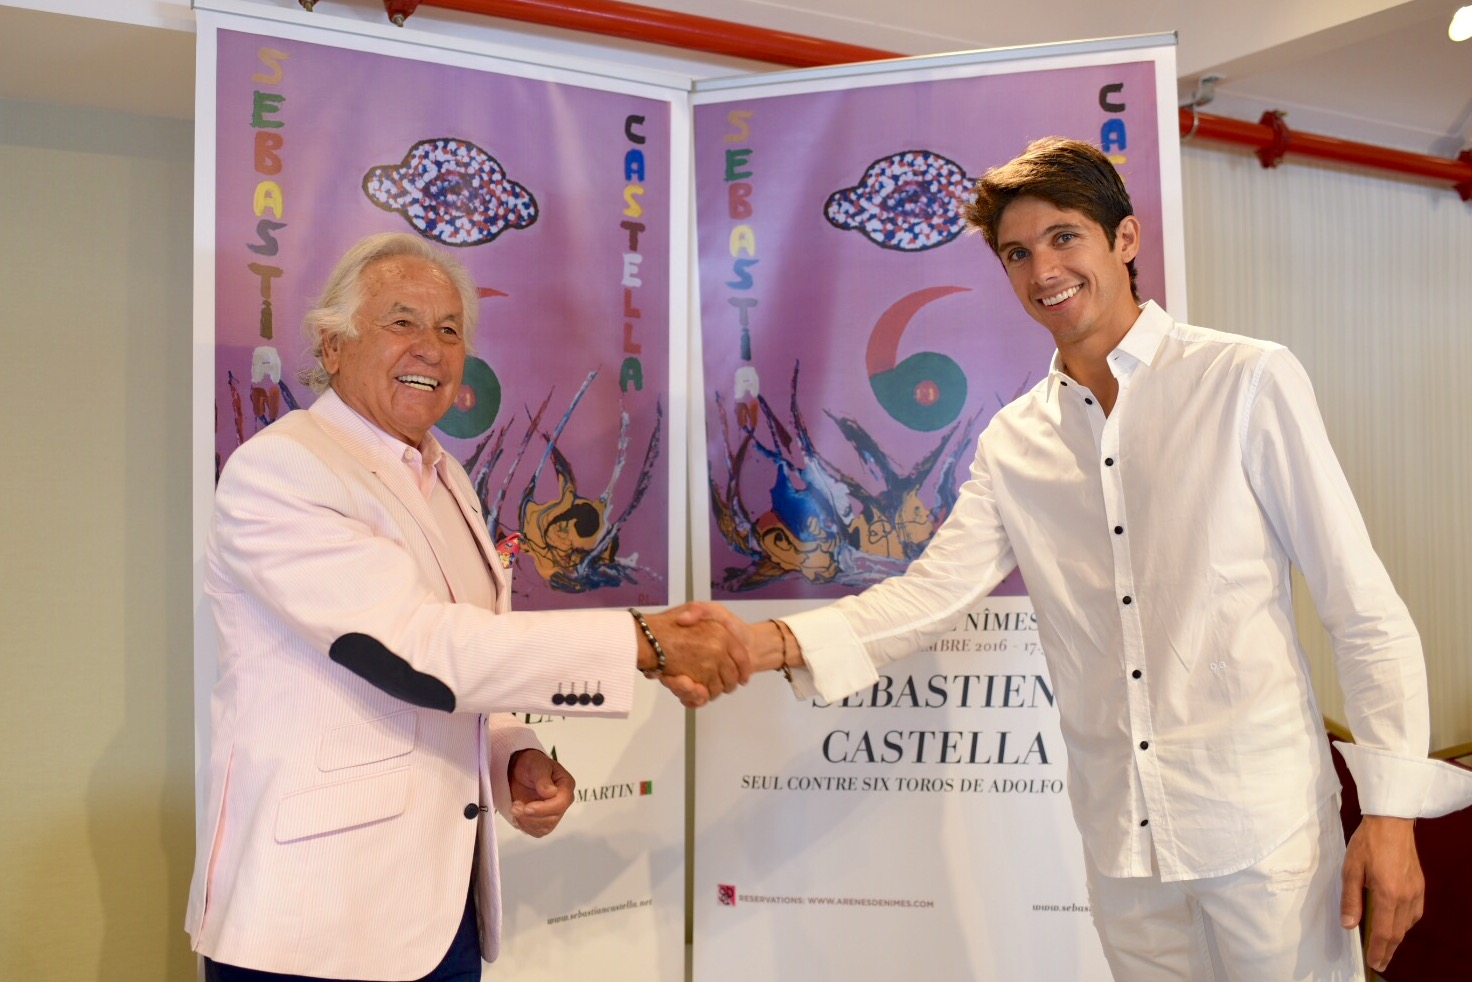 palomo-castella-presentacion-cartel-nimes